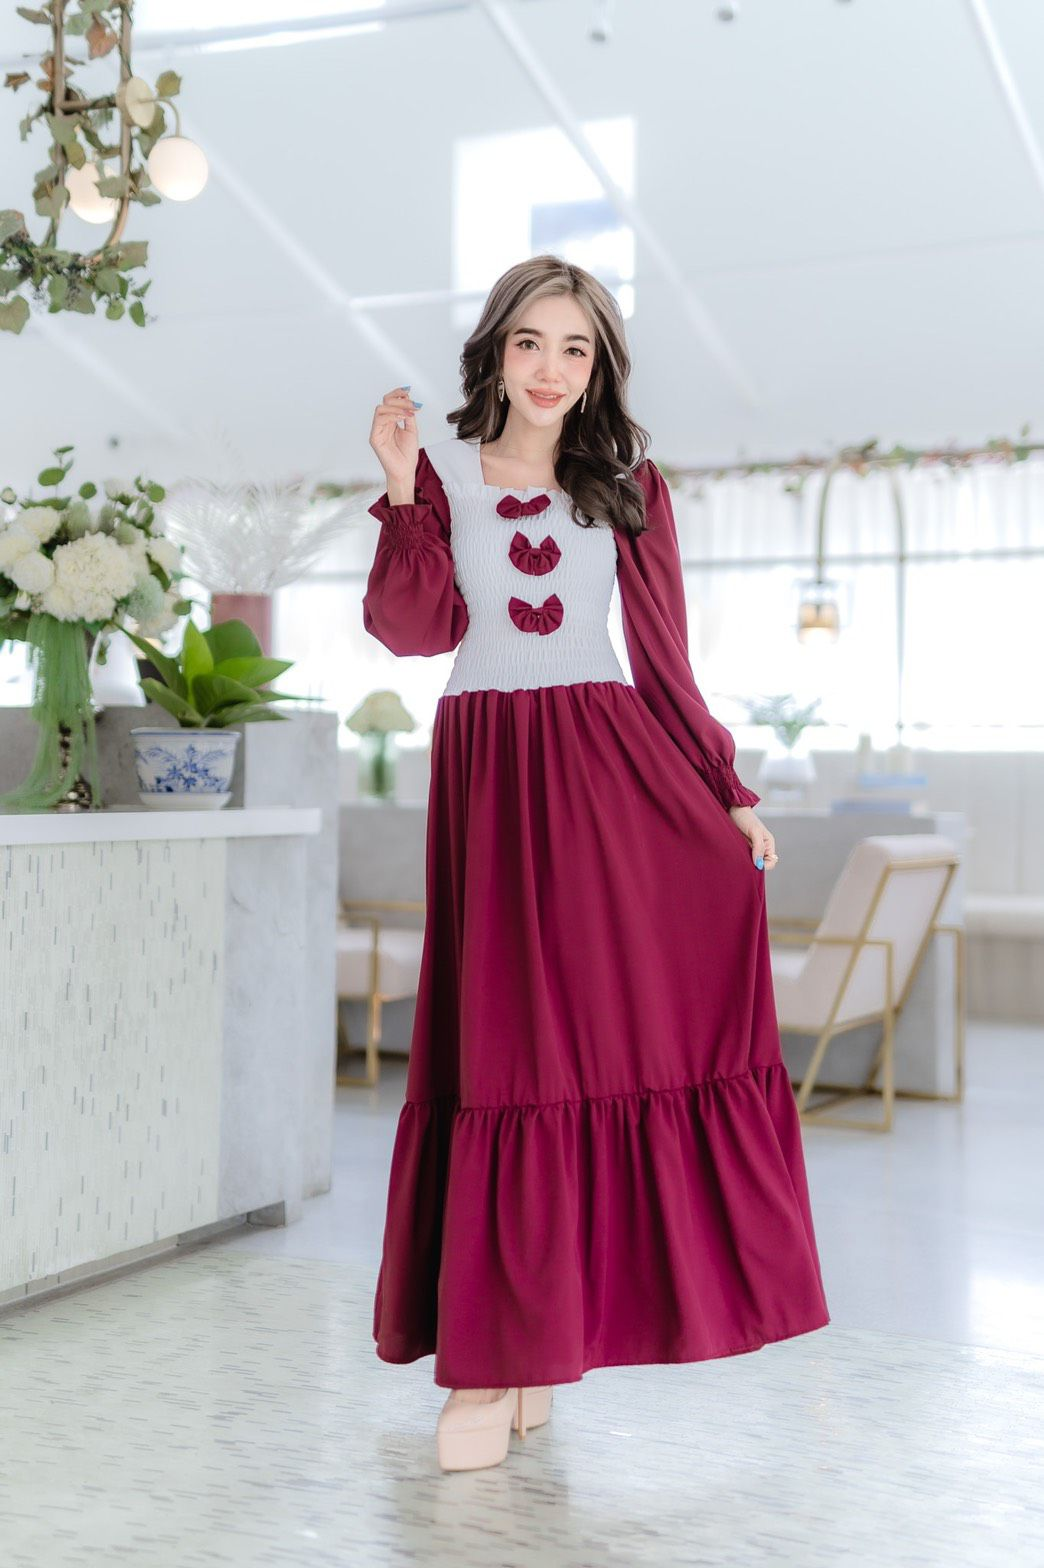 ชุดมุสลิม ชุดอิสลาม ชุดเดรสยาว?ผ้าไหมอิตาลี สม้อคอก